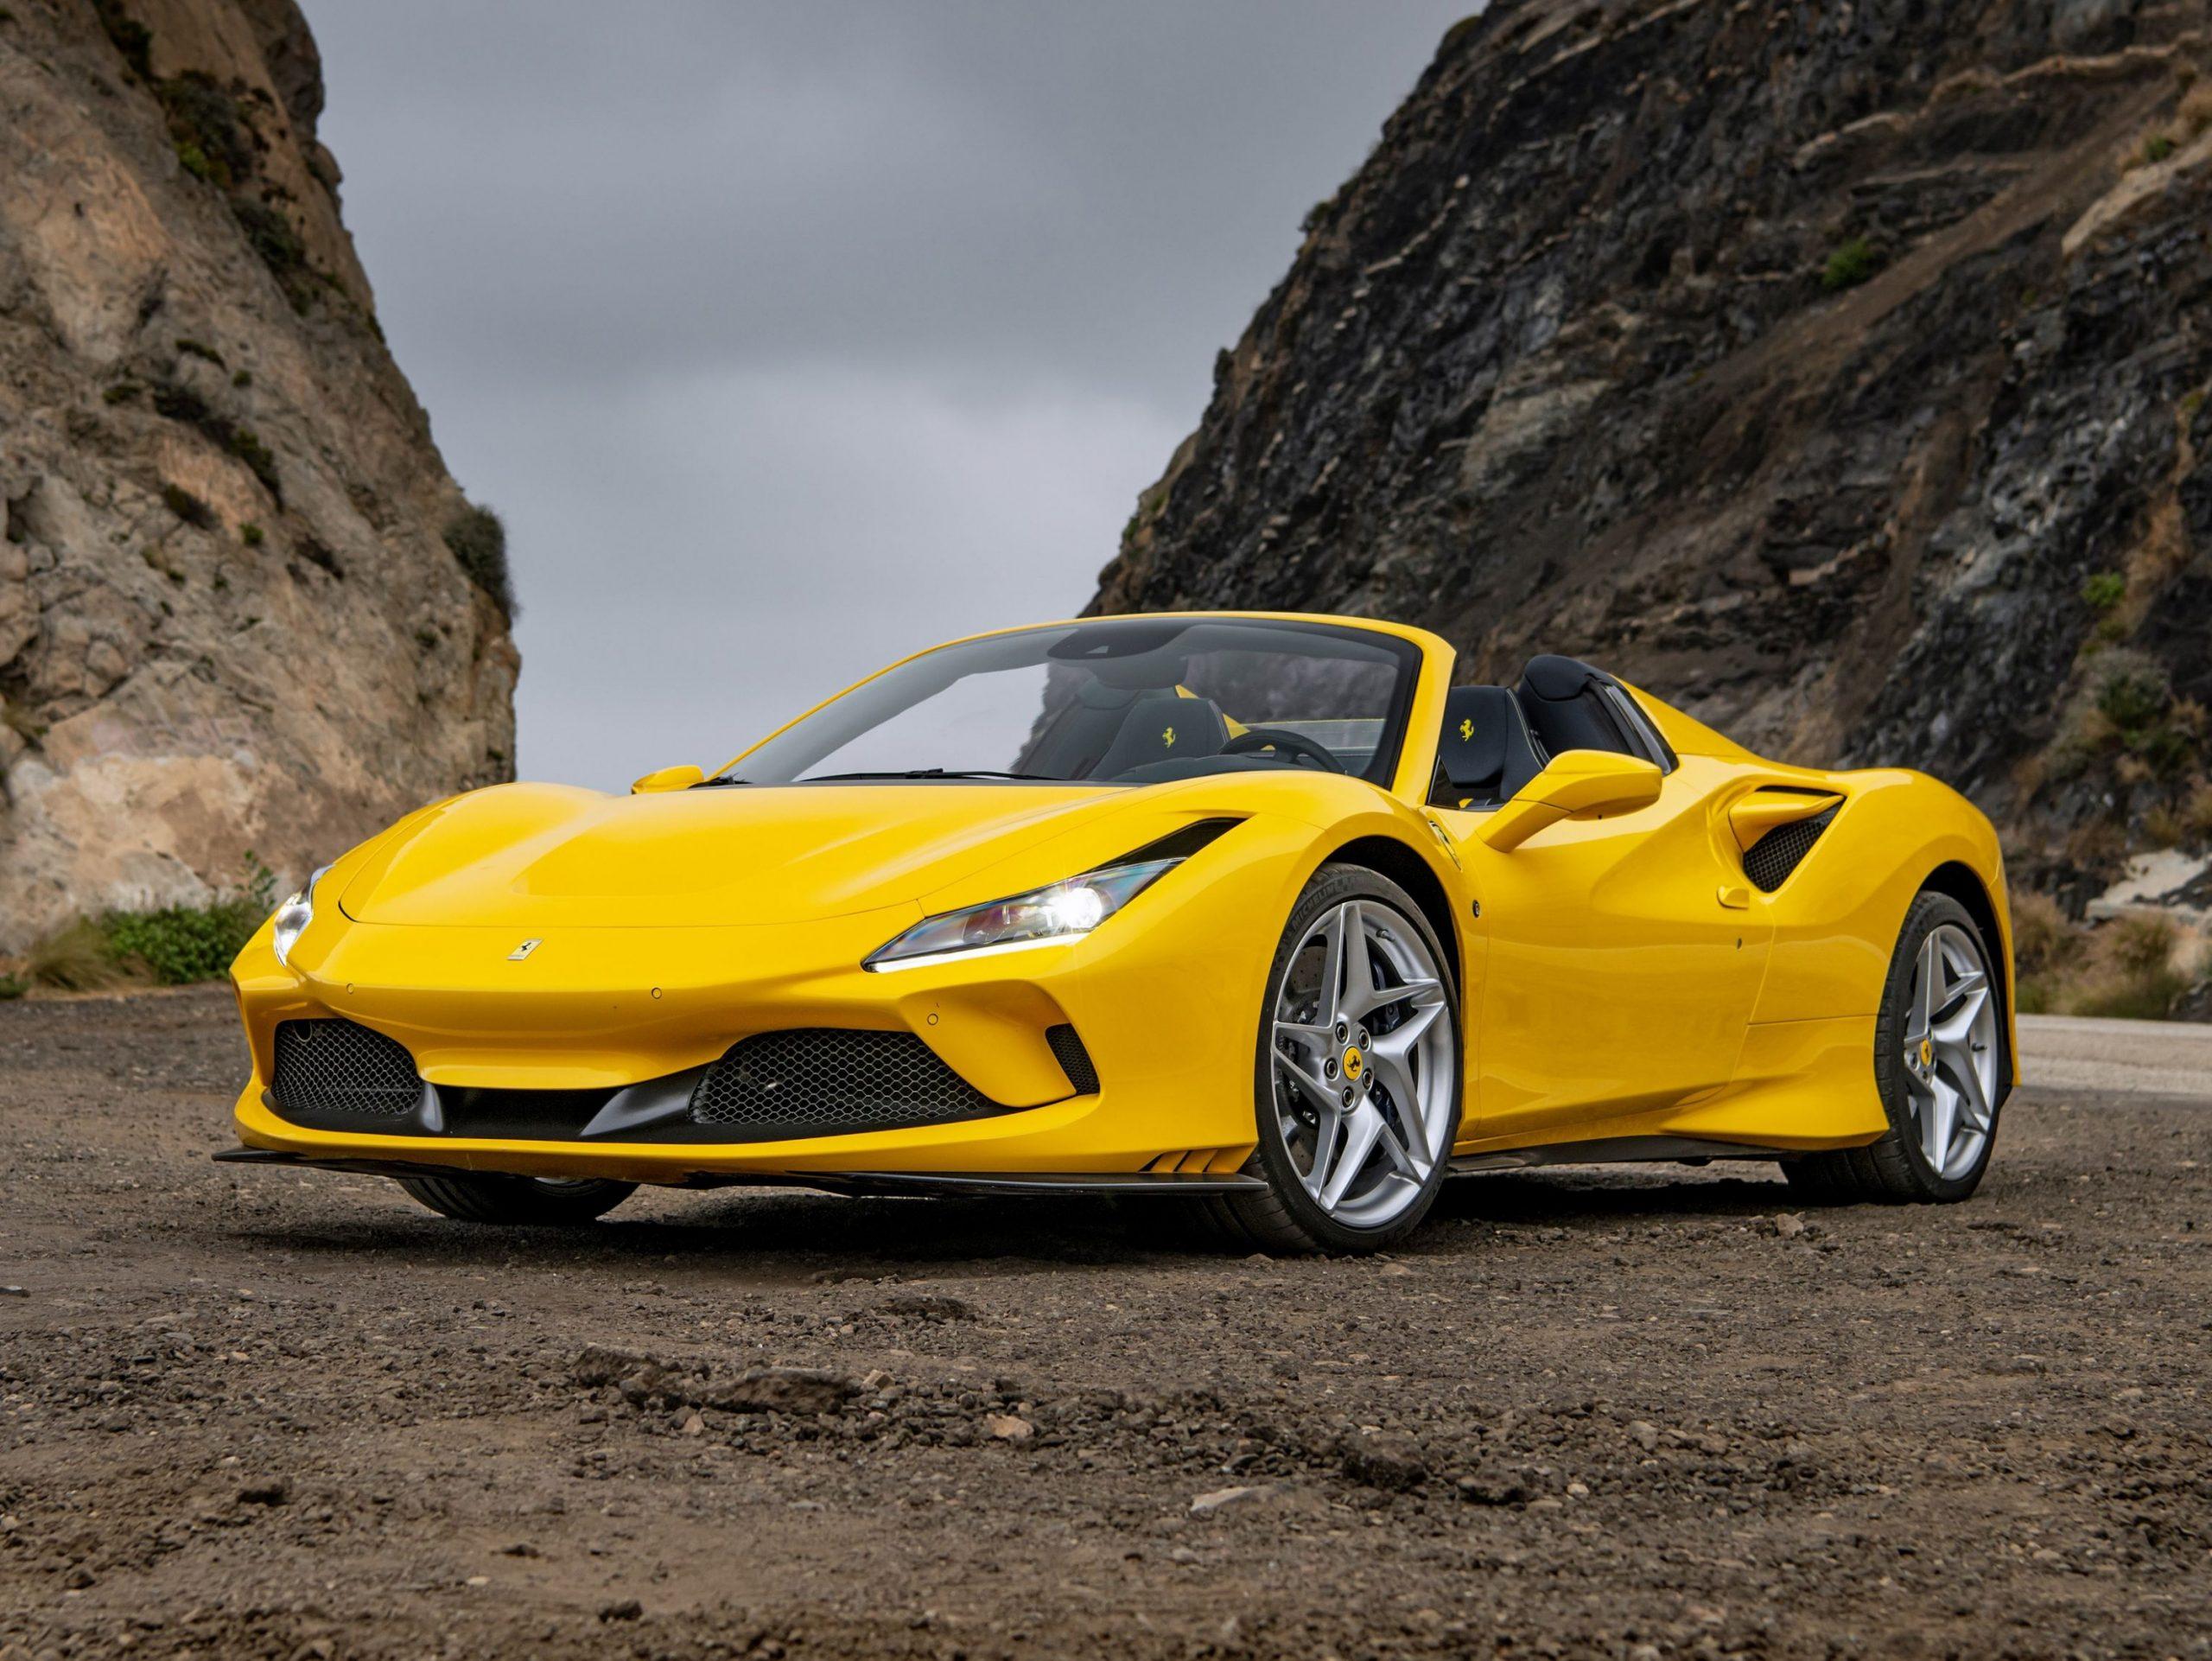 5 Ferrari F5 Tributo / Spider Review, Pricing, and Specs - Ferrari 2021 F8 Tributo Price